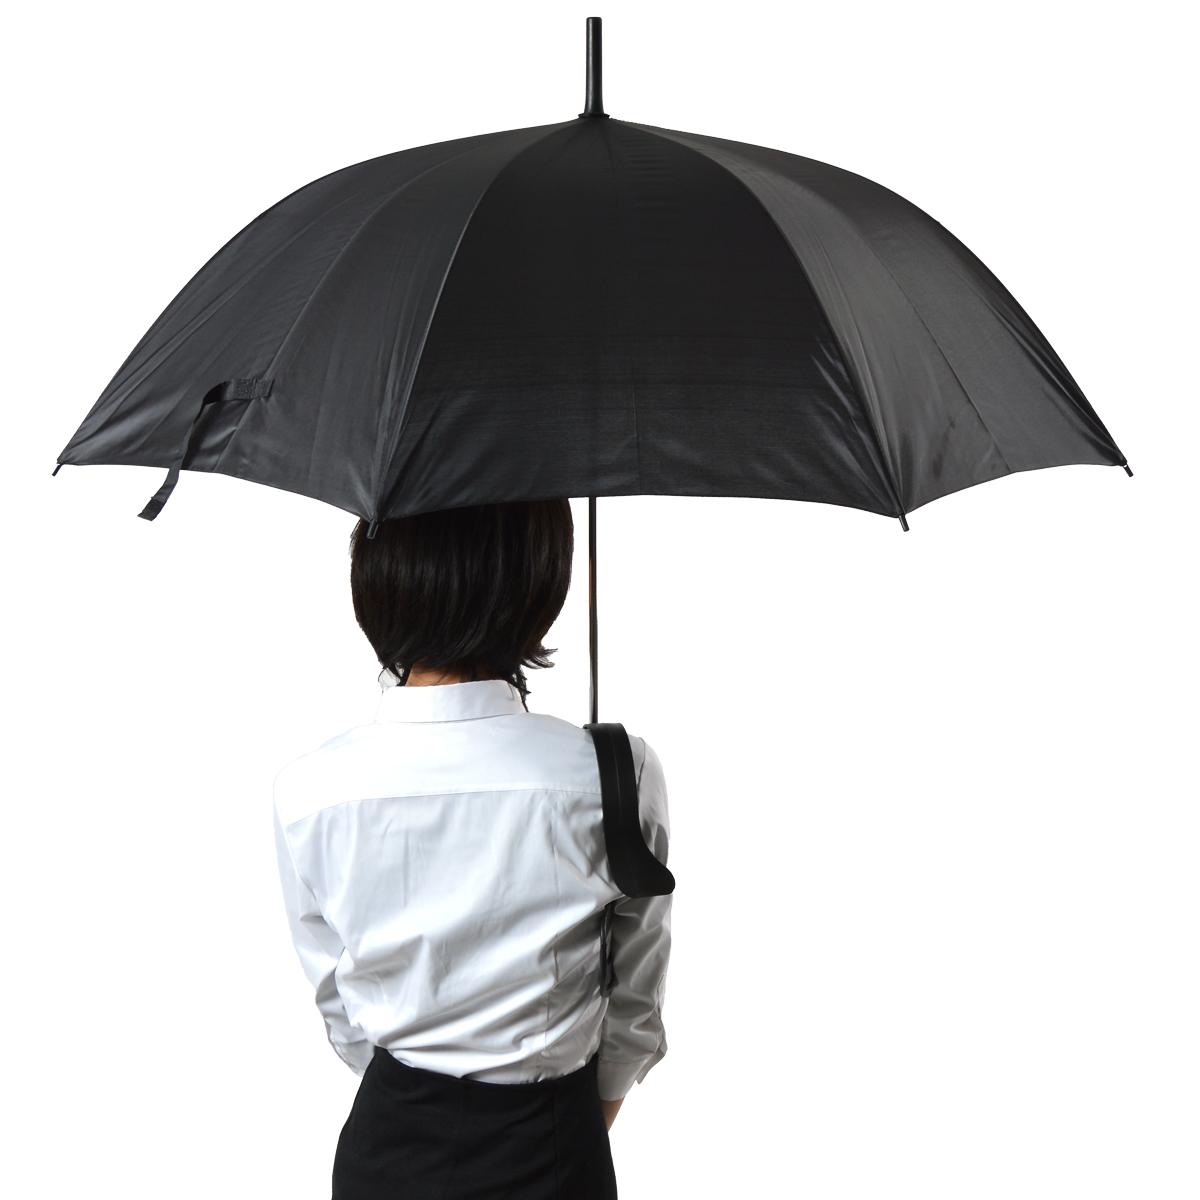 肩がけ傘「手ぶら〜ンブレラ」